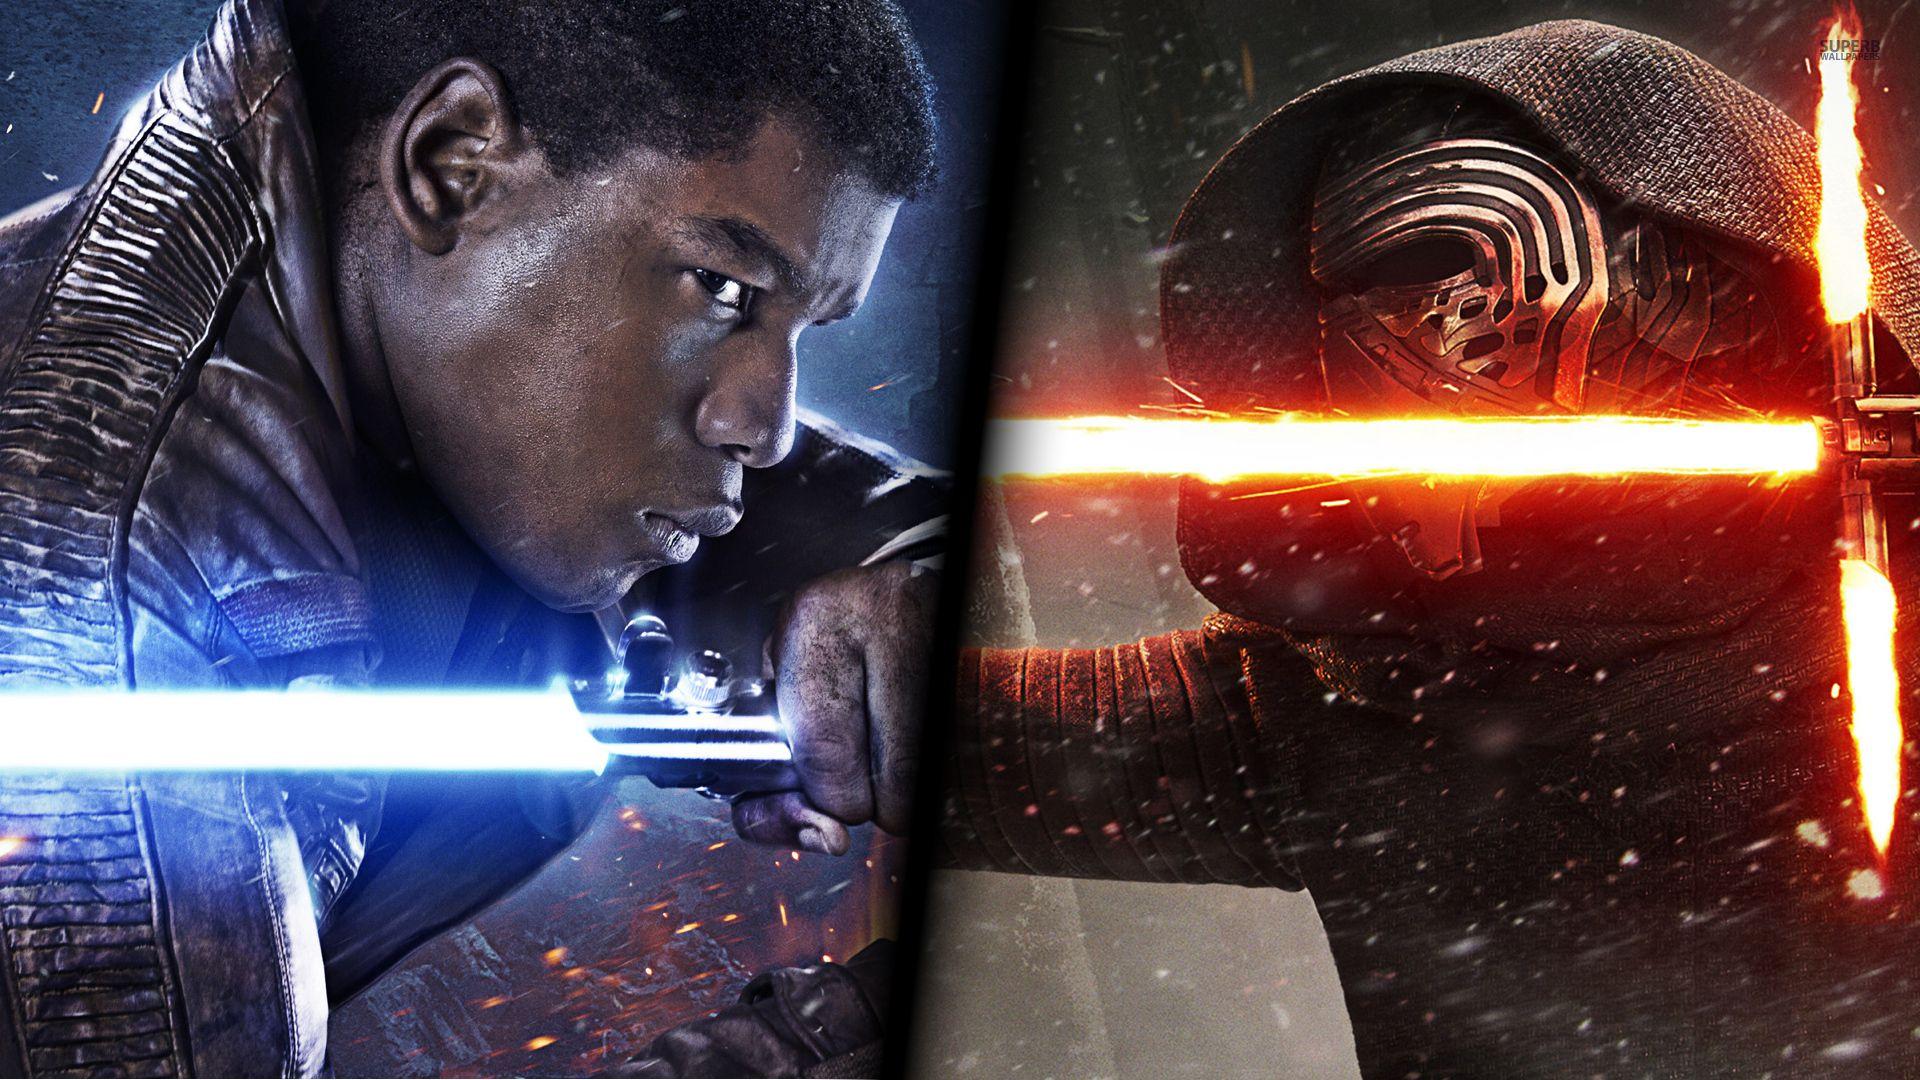 Kết quả hình ảnh cho The Force Awakens wallpaper Finn